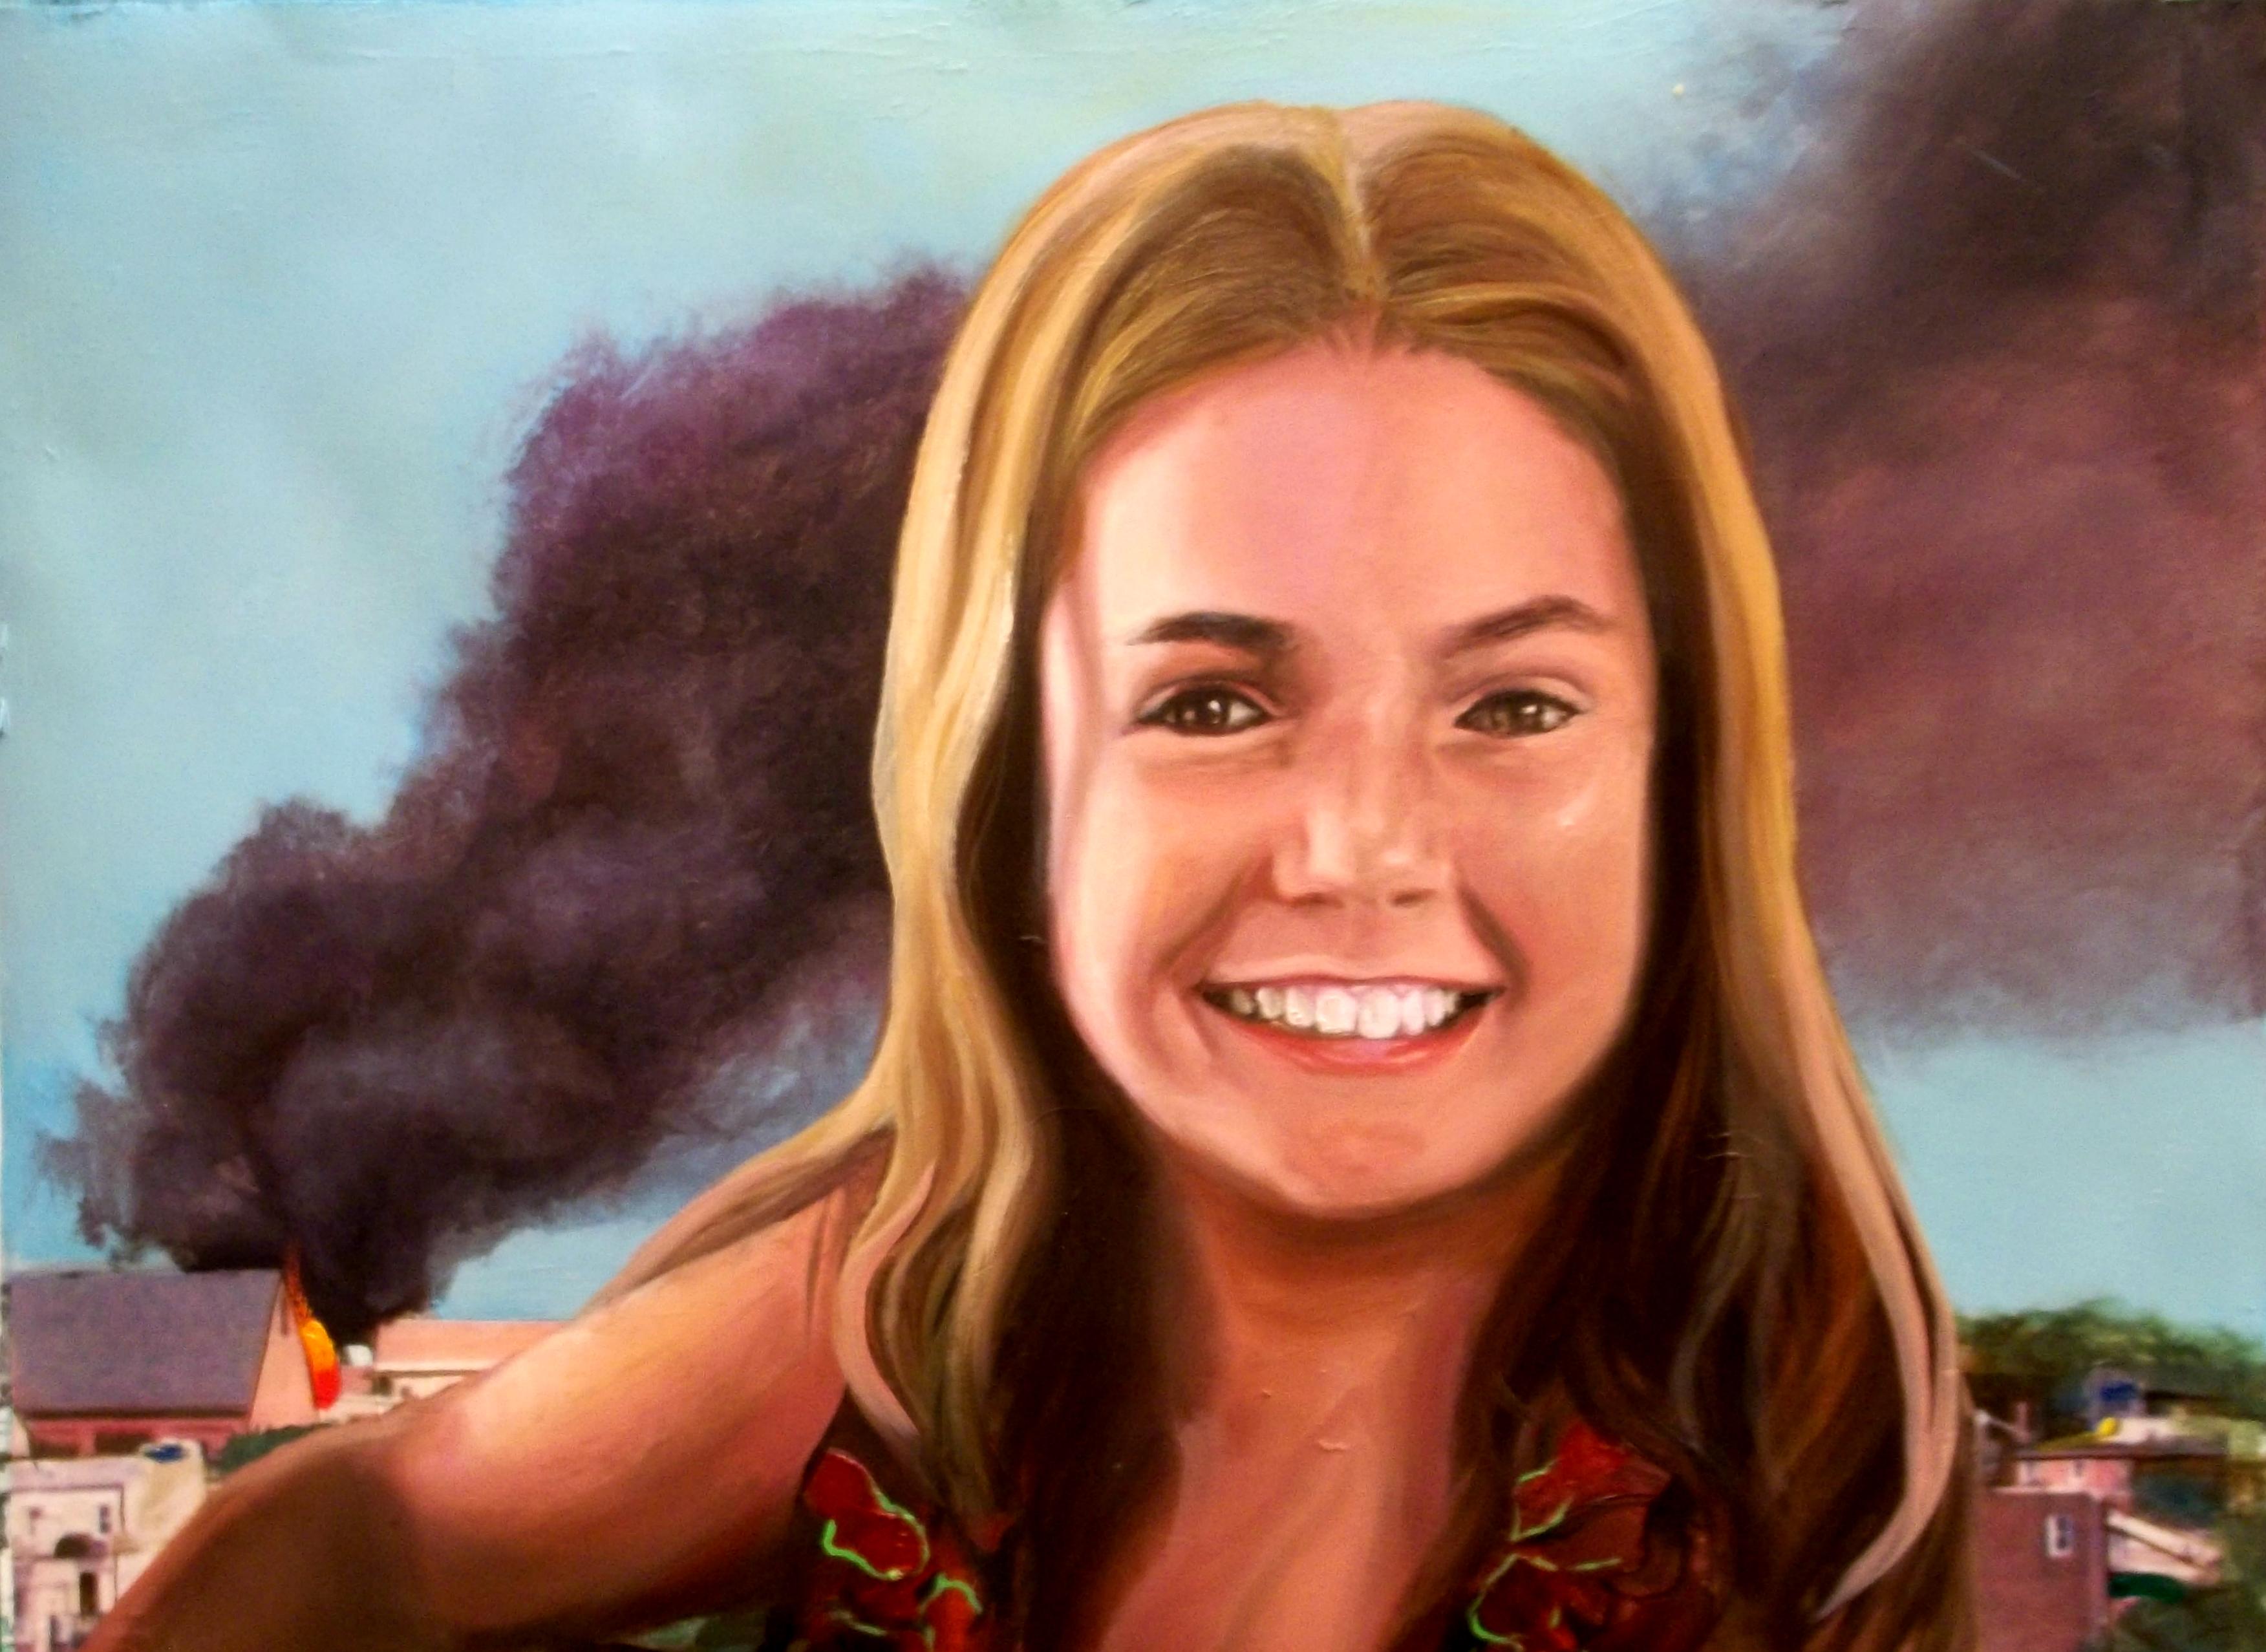 metamodern postmodern portrait oil painting works on paper baltimore